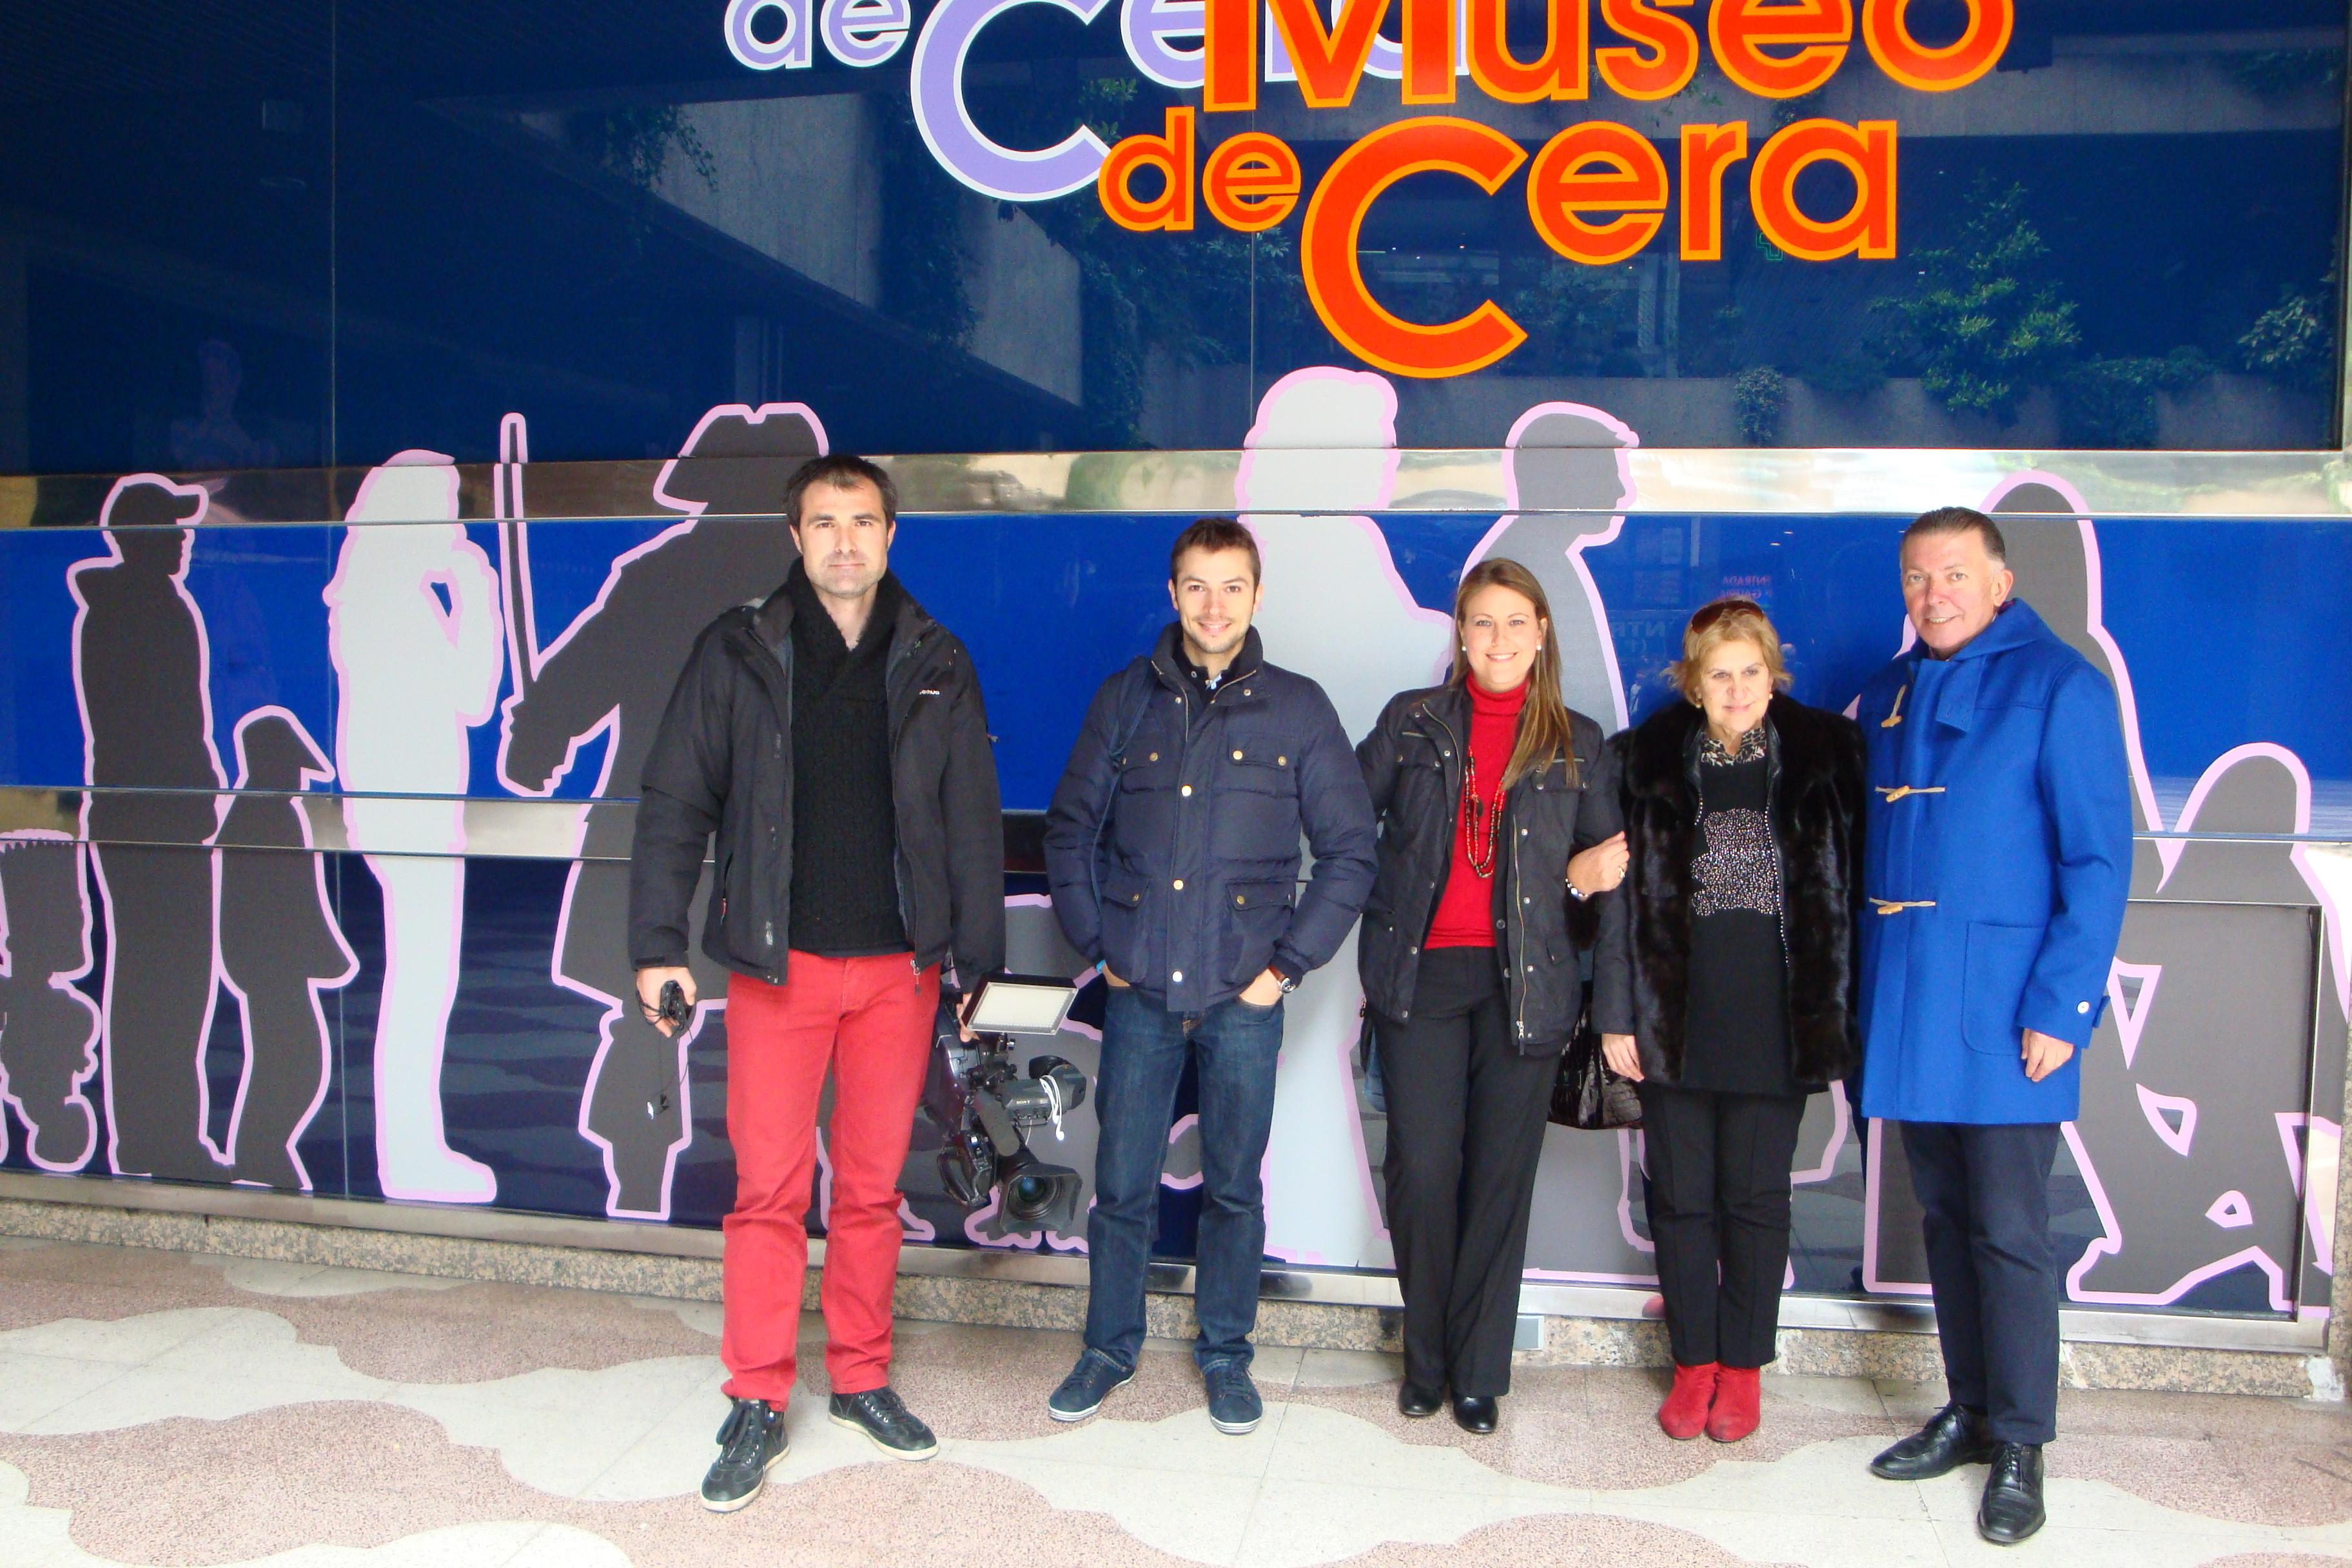 Sálvame_telecinco-Museodecera